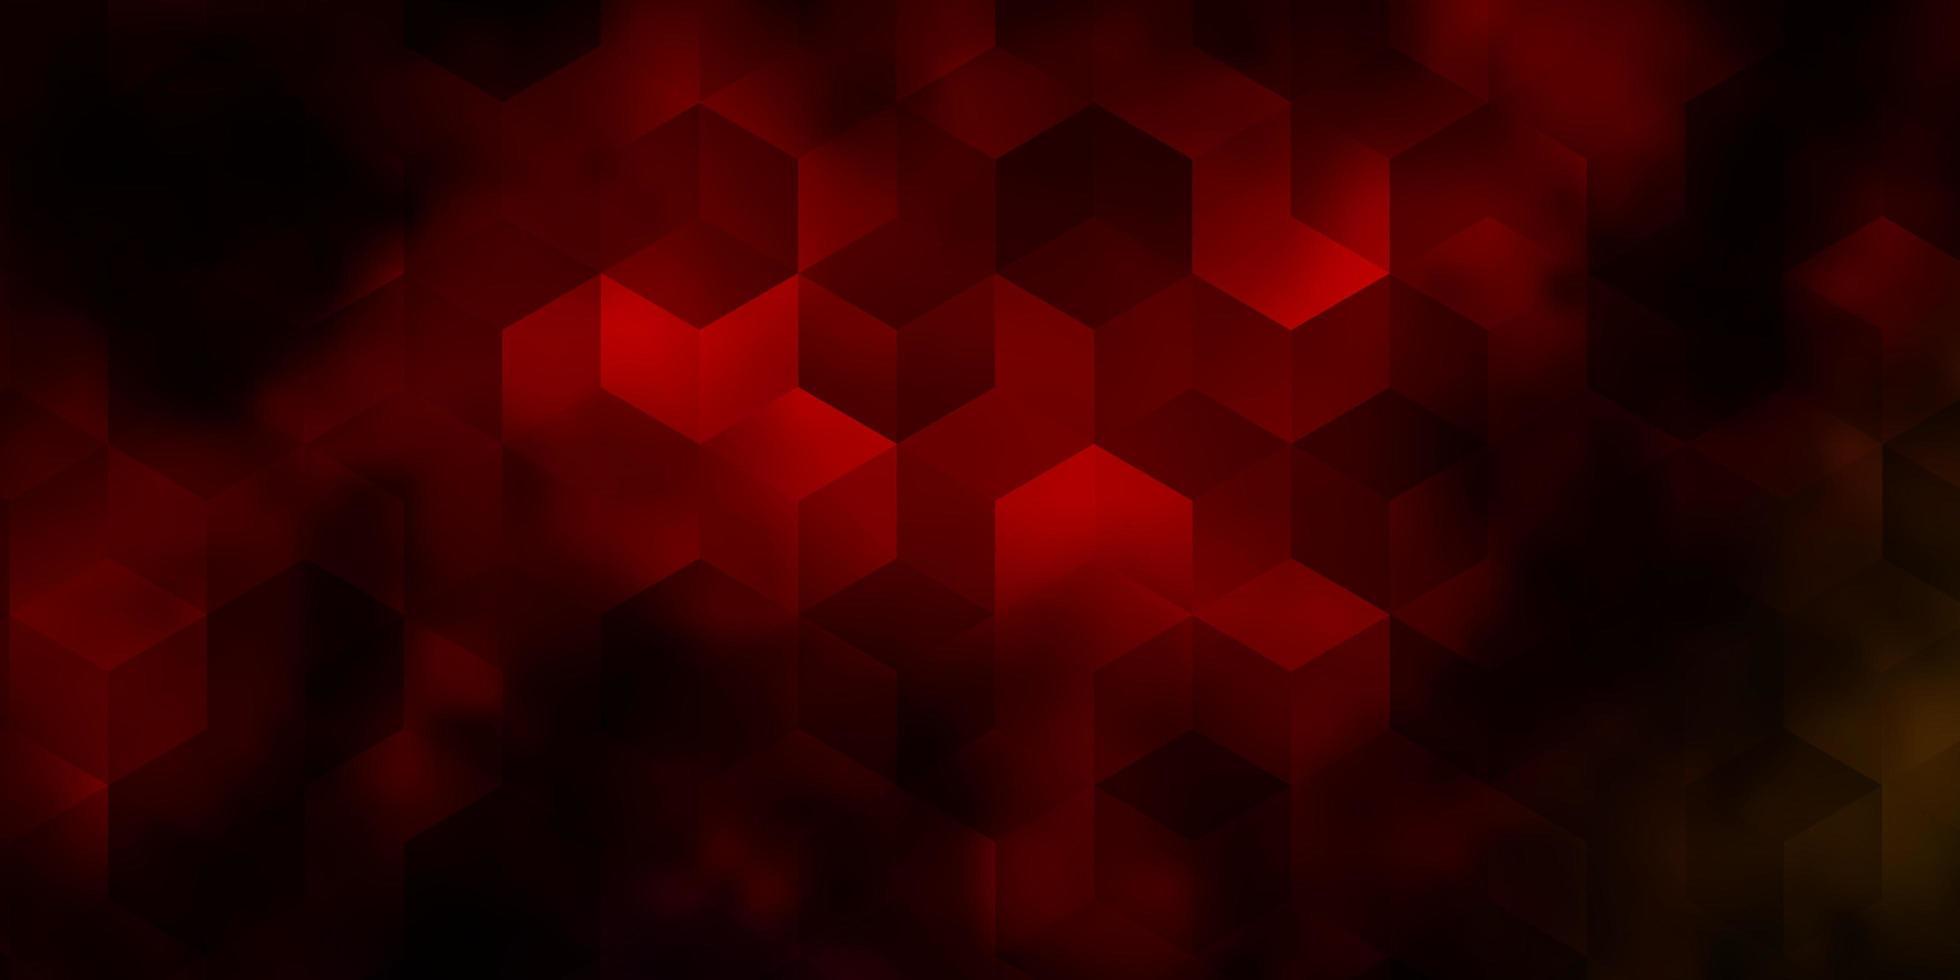 modelo de vetor multicolor escuro em estilo hexagonal.